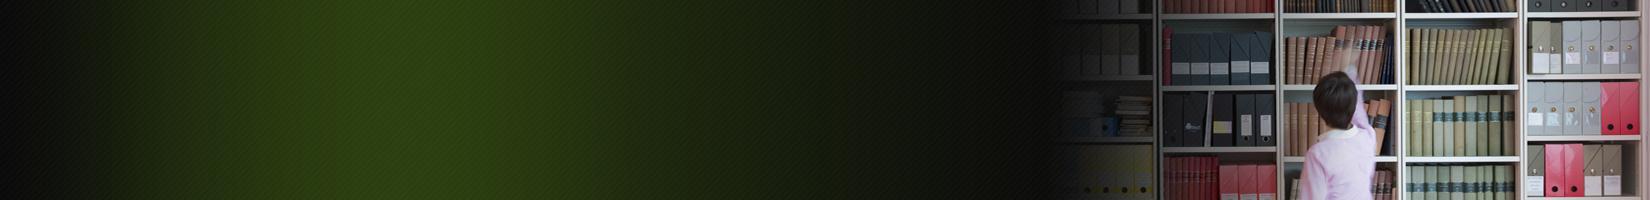 Bandeau Admissions concours ENS Louis-Lumière